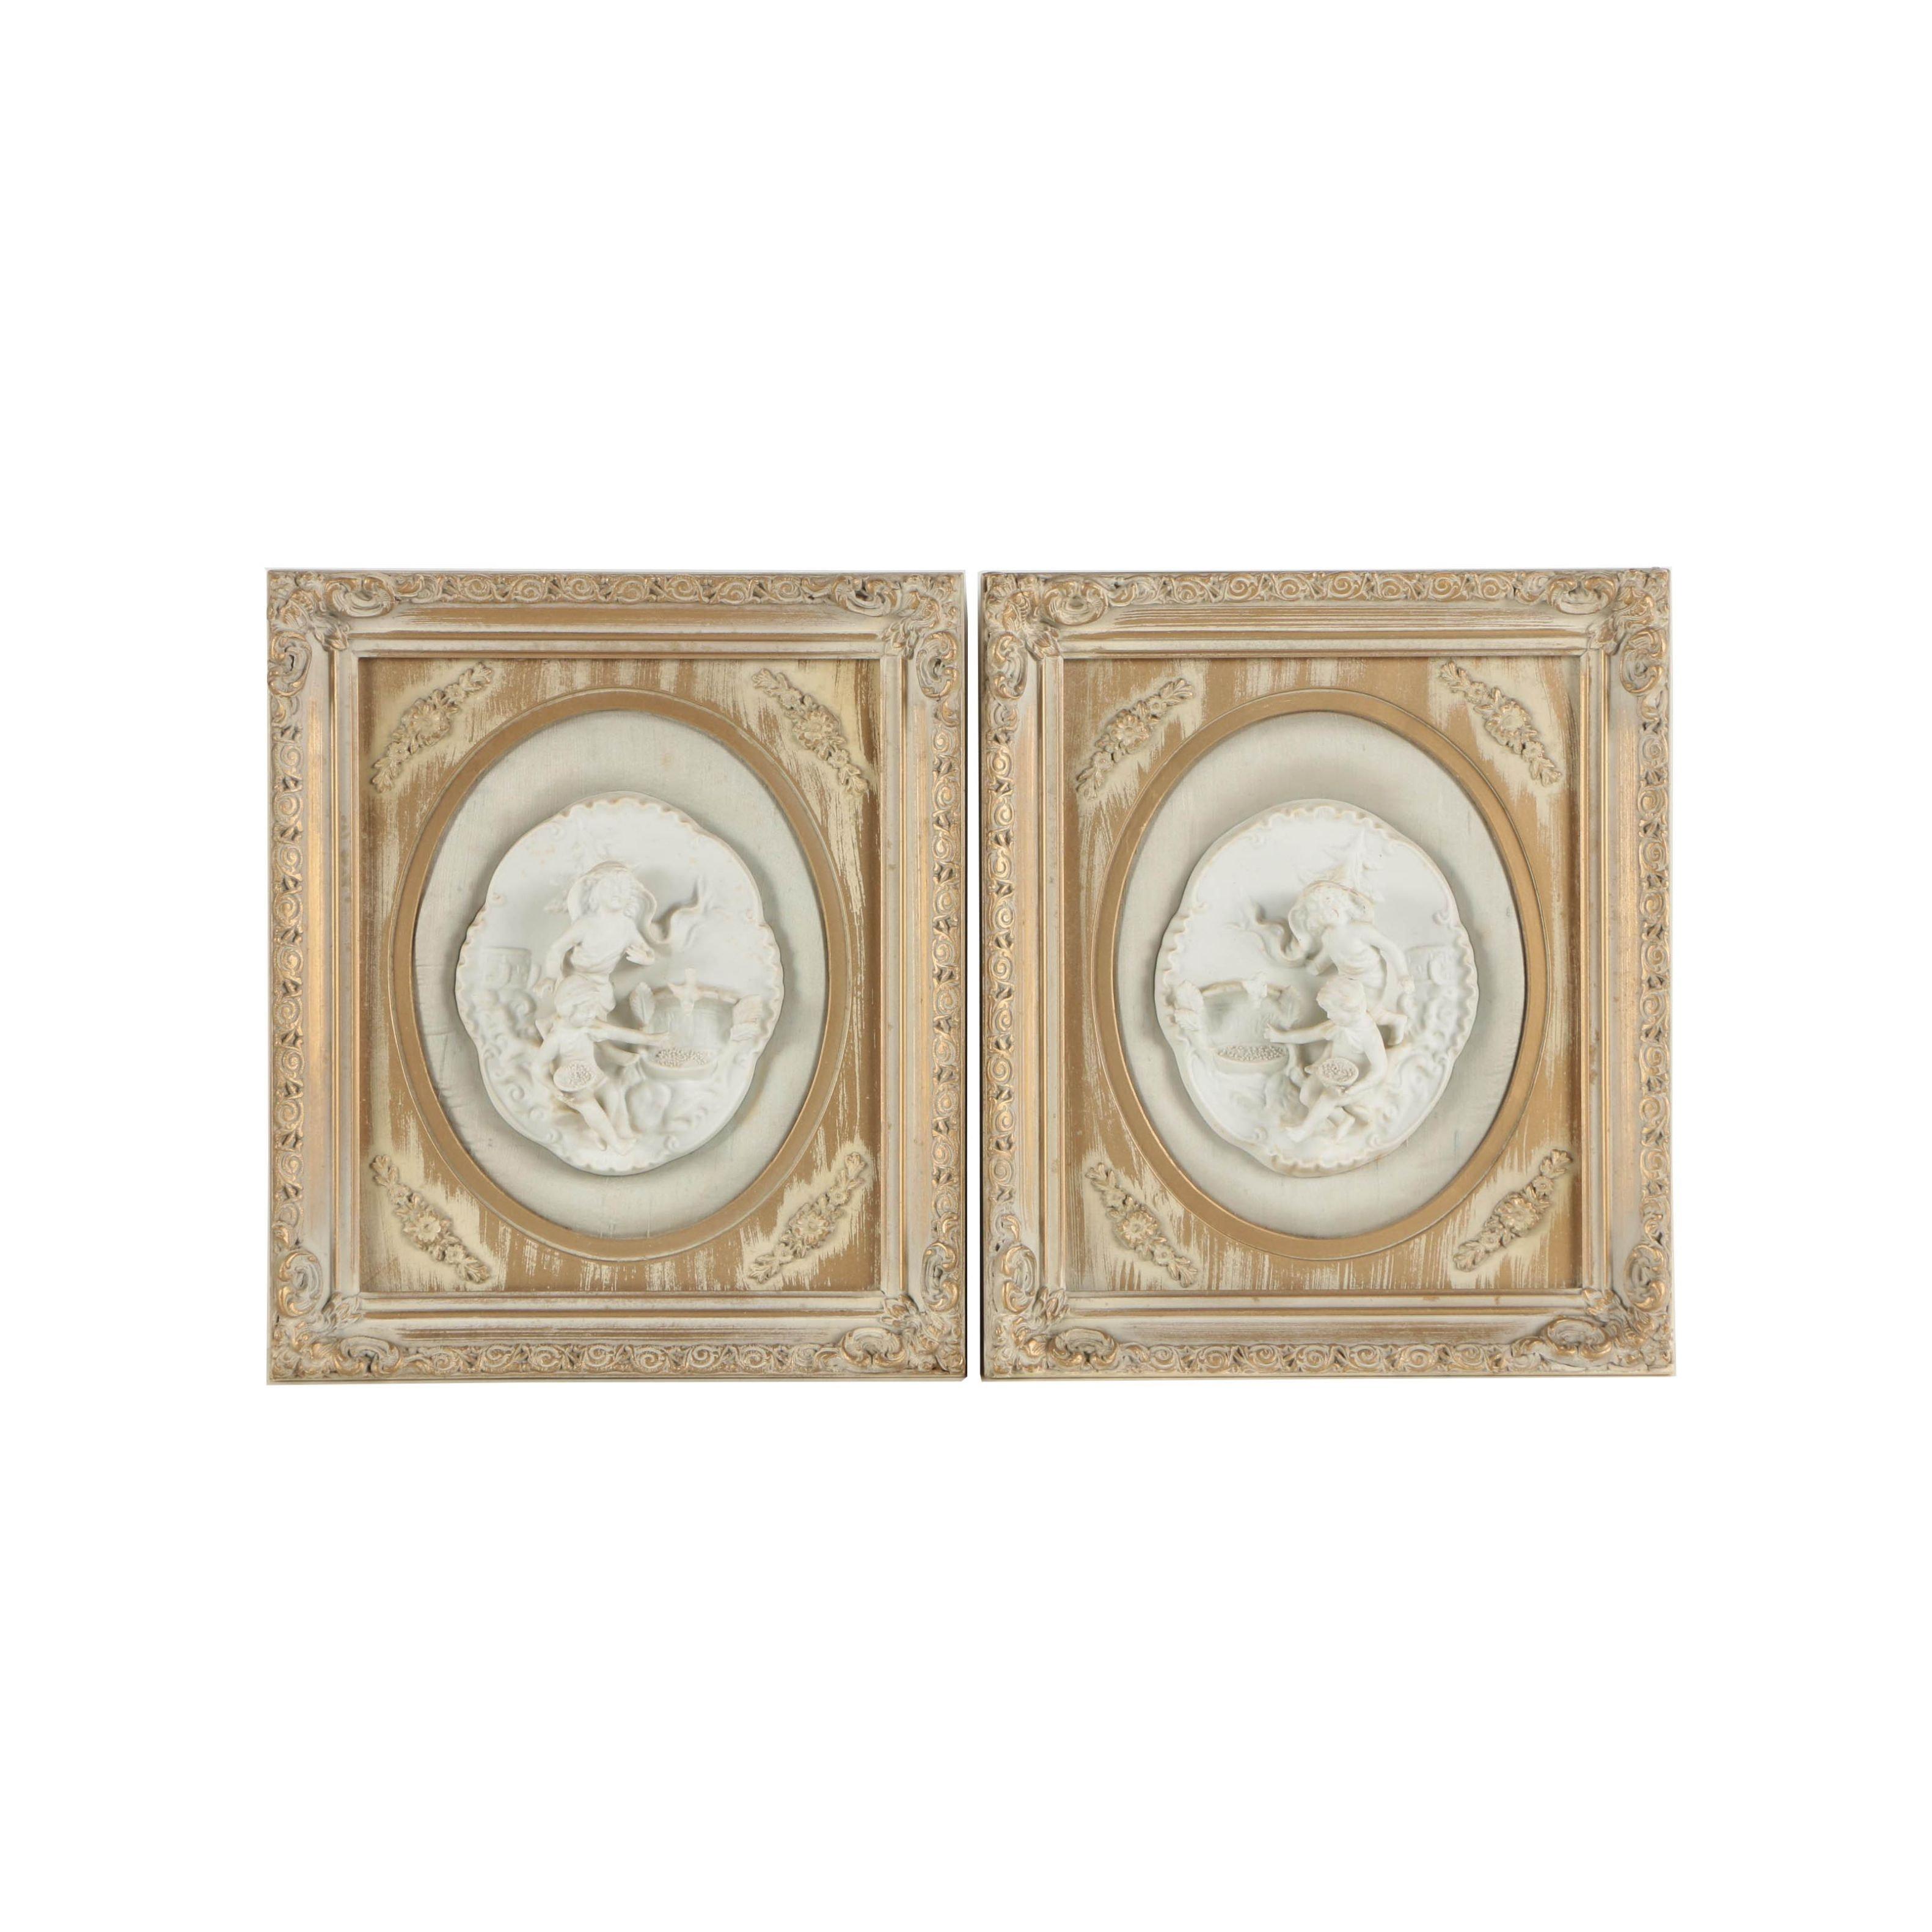 Framed Porcelain Panels of Children